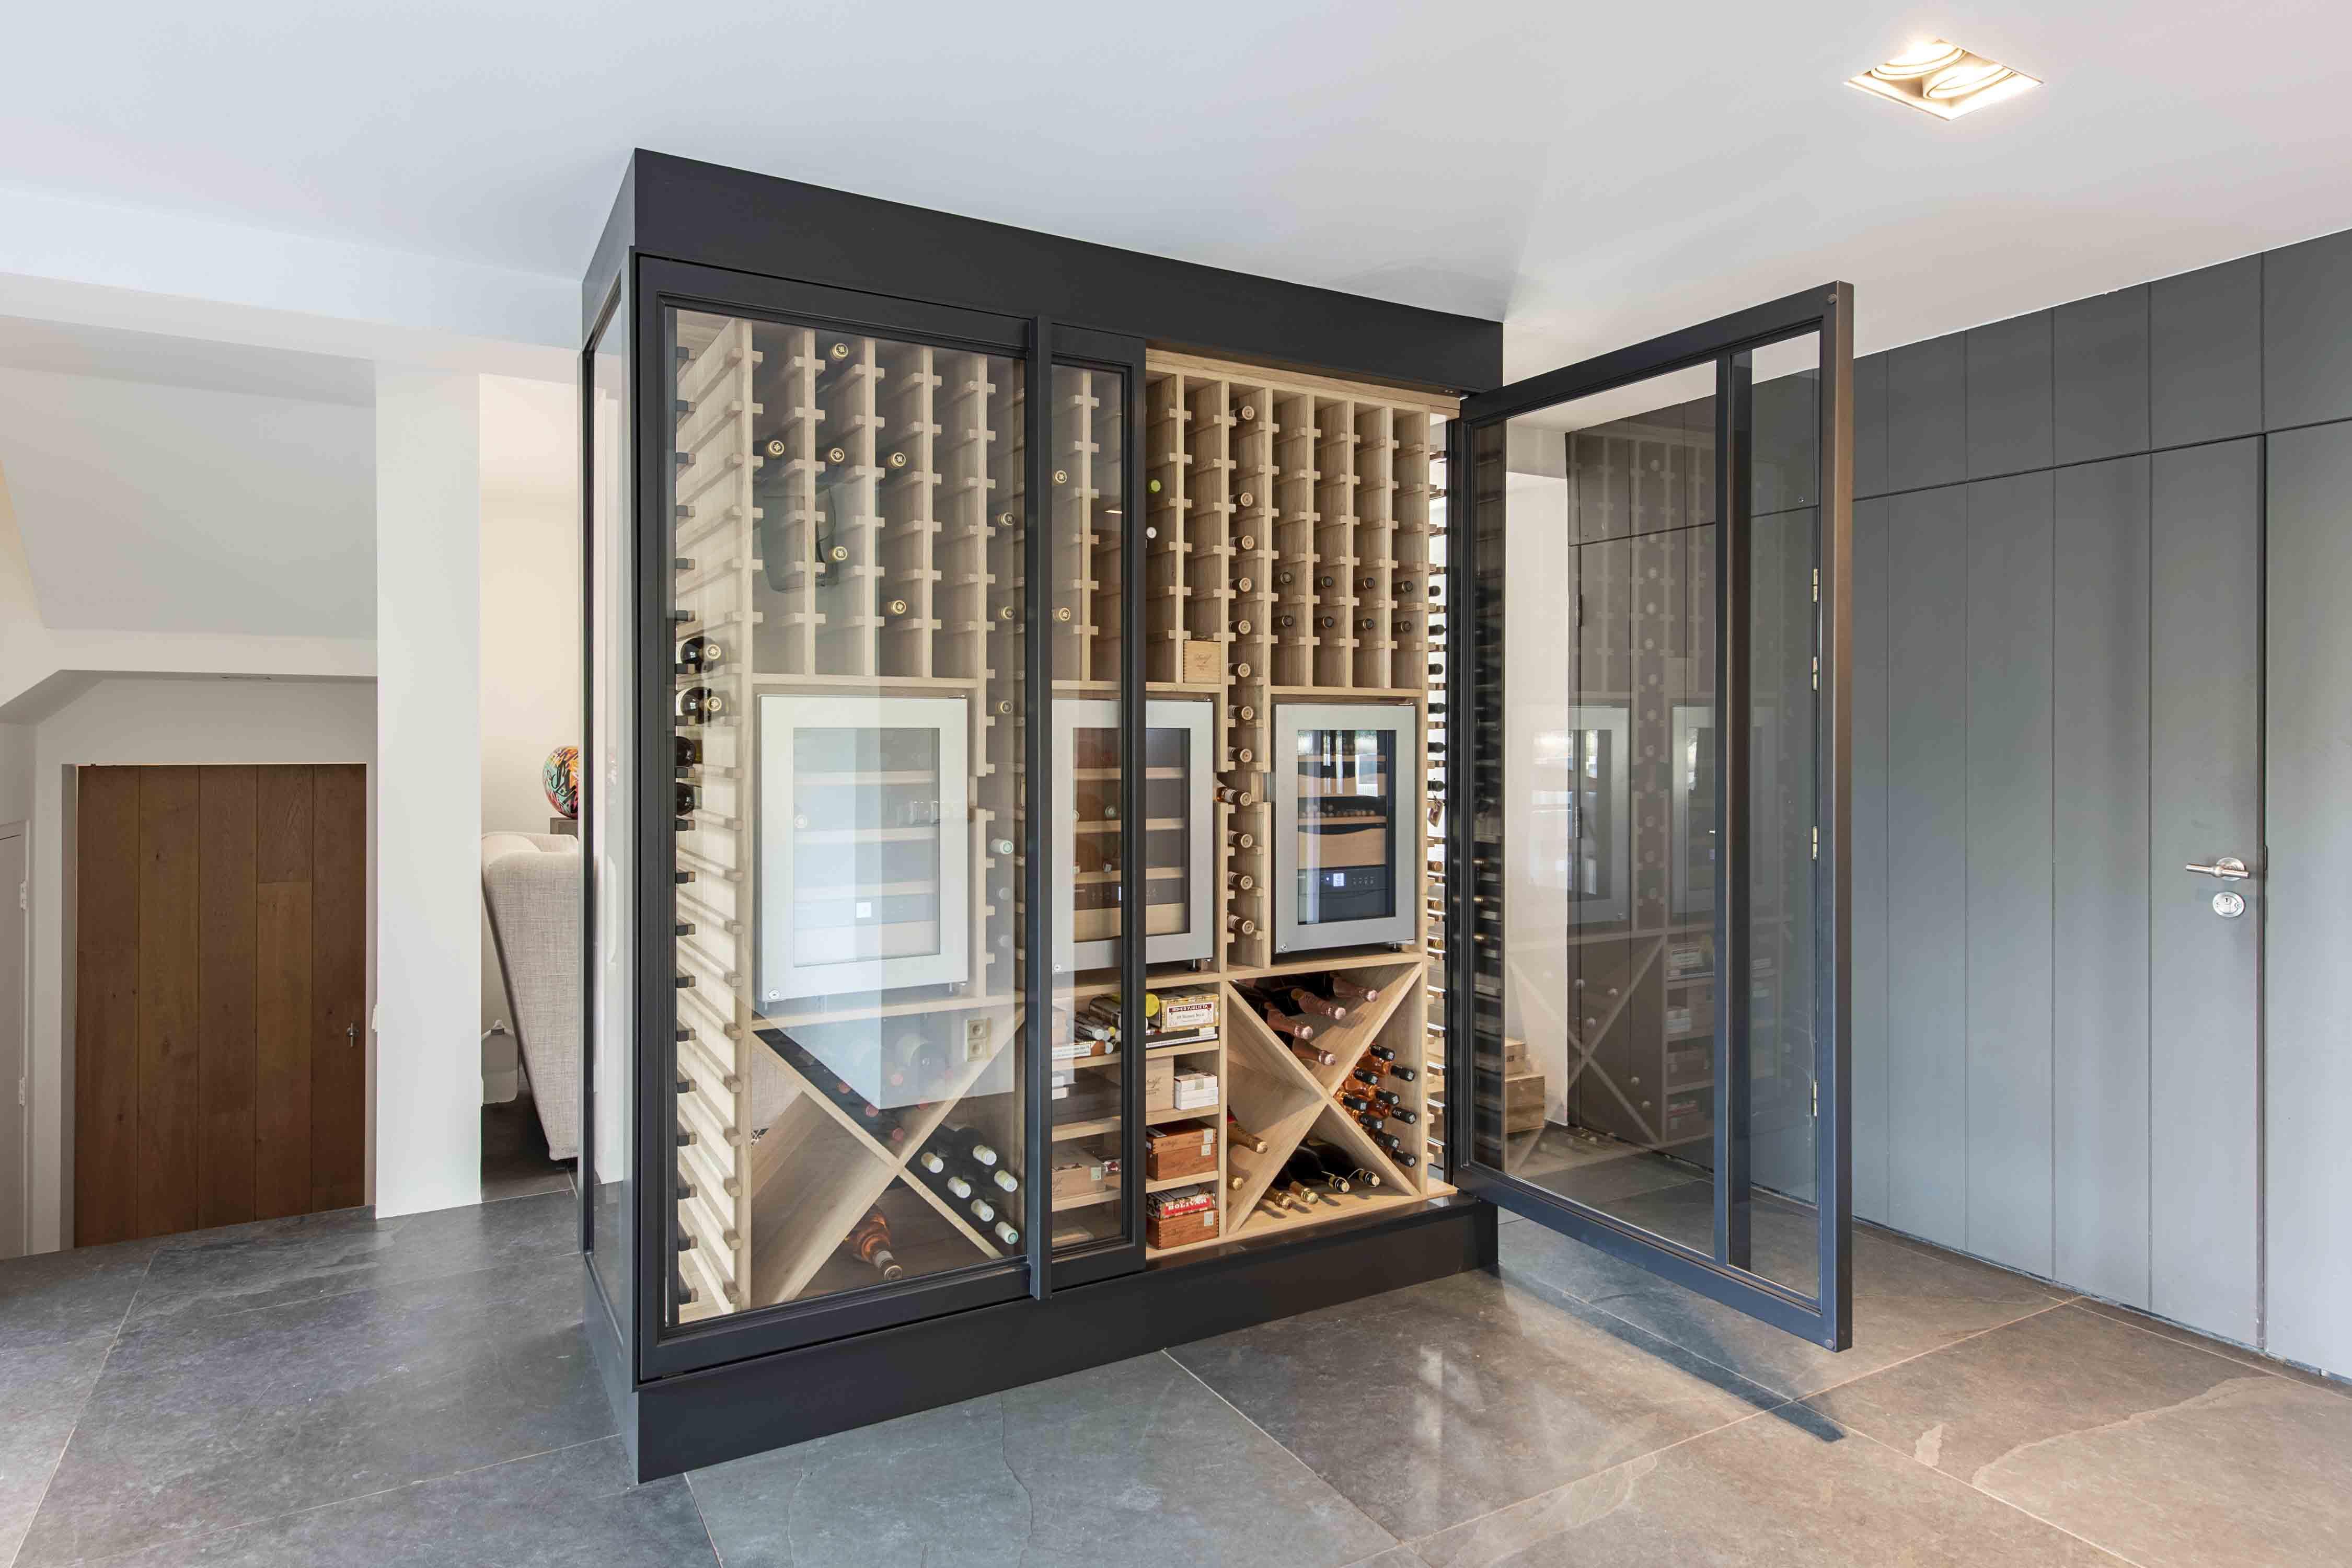 335.-Wine-cabinet-by-Pjokke-Dutch-Design04.jpg